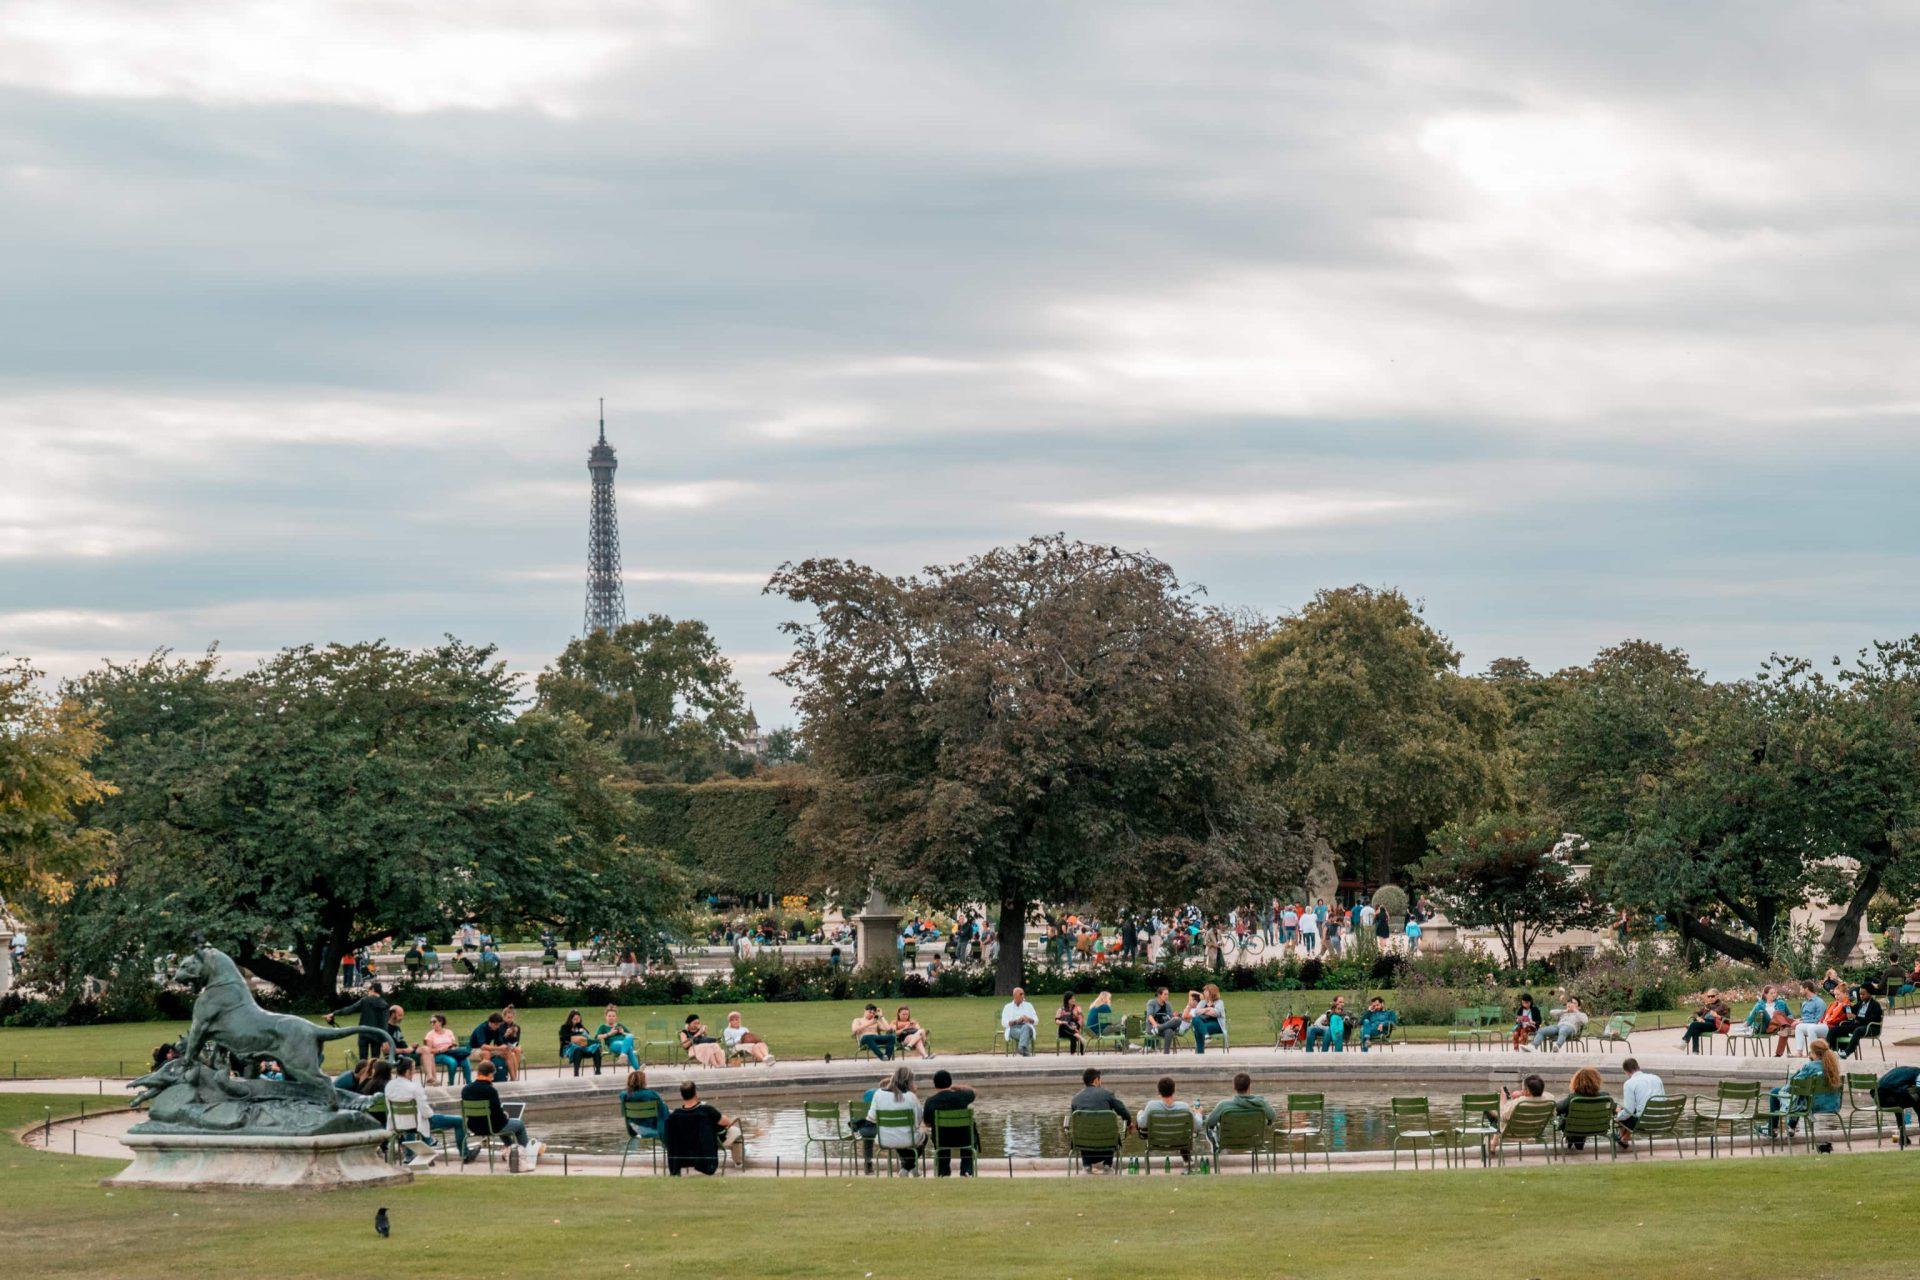 ParisCentrum25 - Wandeling Parijs: de ultieme wandelroute langs alle hoogtepunten